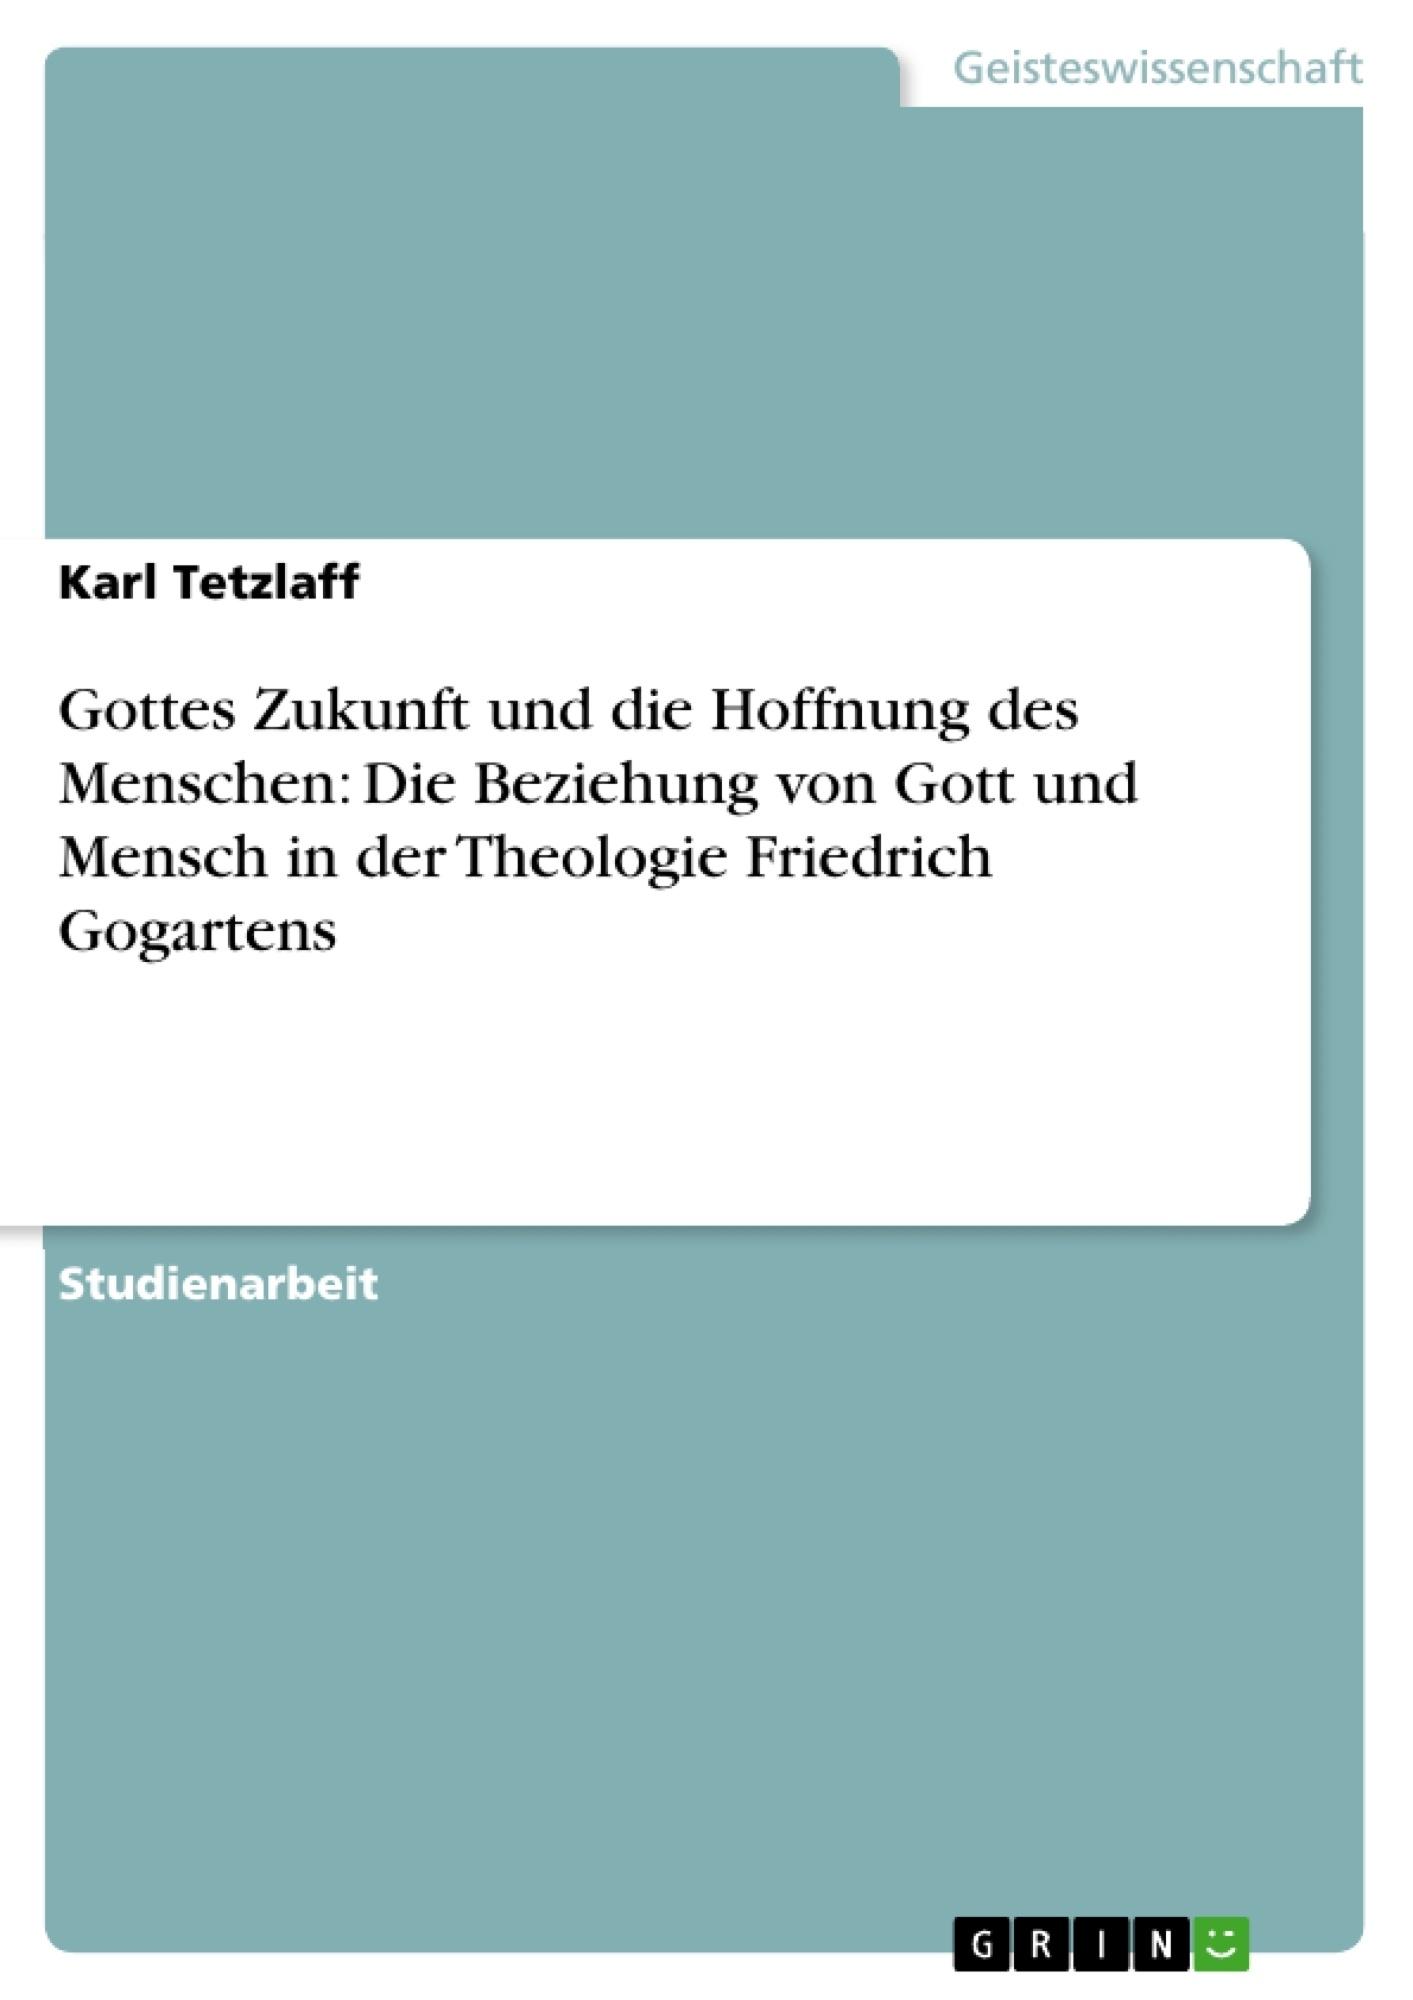 Titel: Gottes Zukunft und die  Hoffnung des Menschen: Die Beziehung von Gott und Mensch in der Theologie Friedrich Gogartens